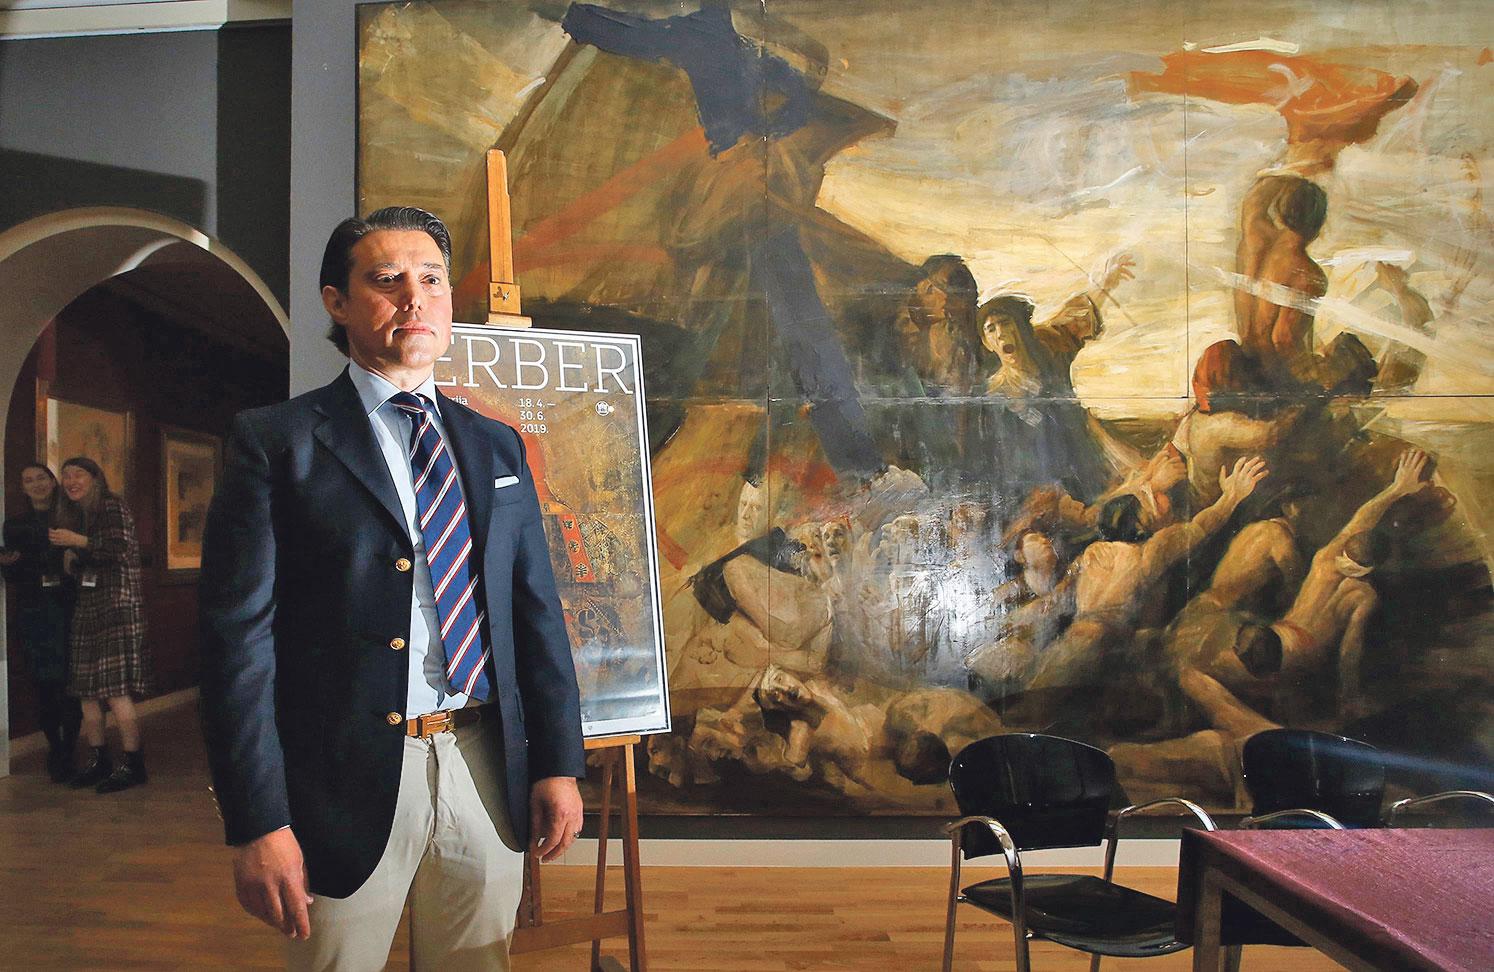 Umjetnikov sin i galerist Ensar Berber brine se o očevoj fondaciji smještenoj u Sarajevu, gdje se planira i budući muzej